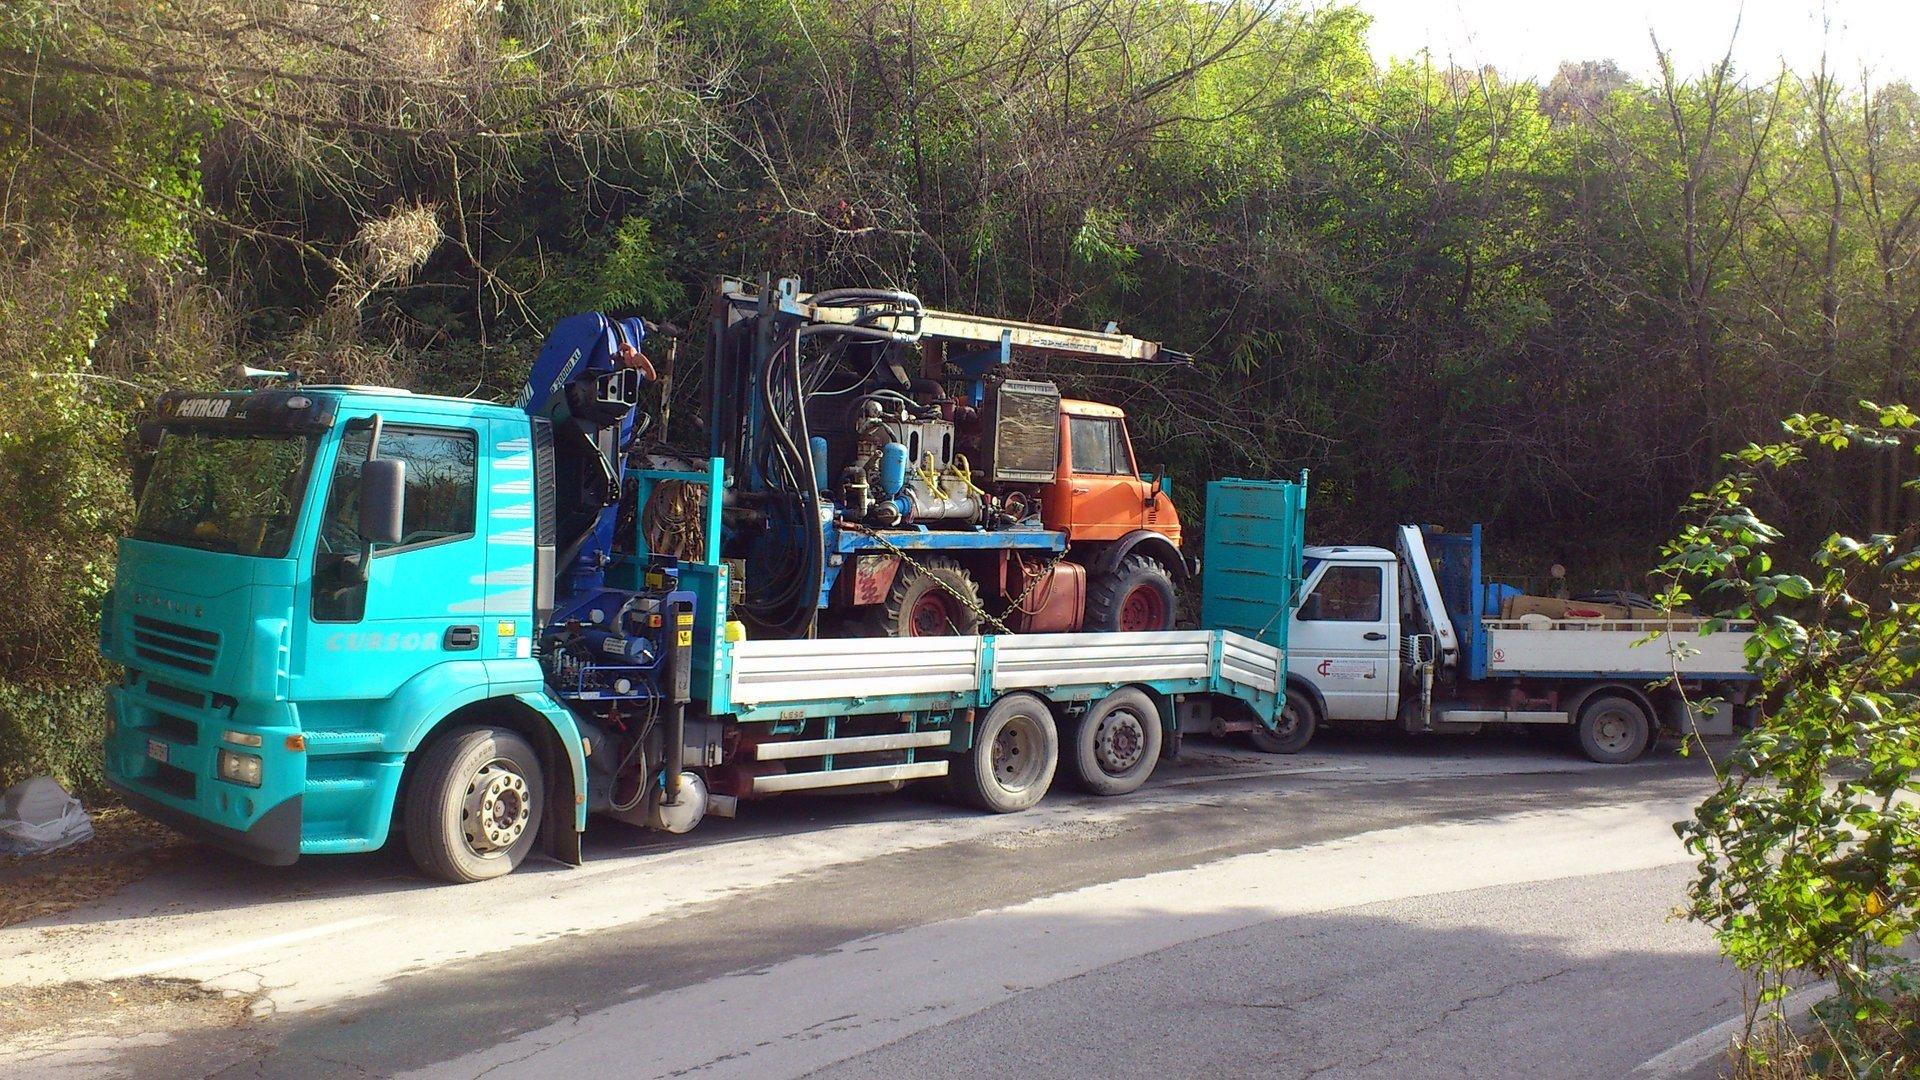 camion con mezzo per trivellazioni